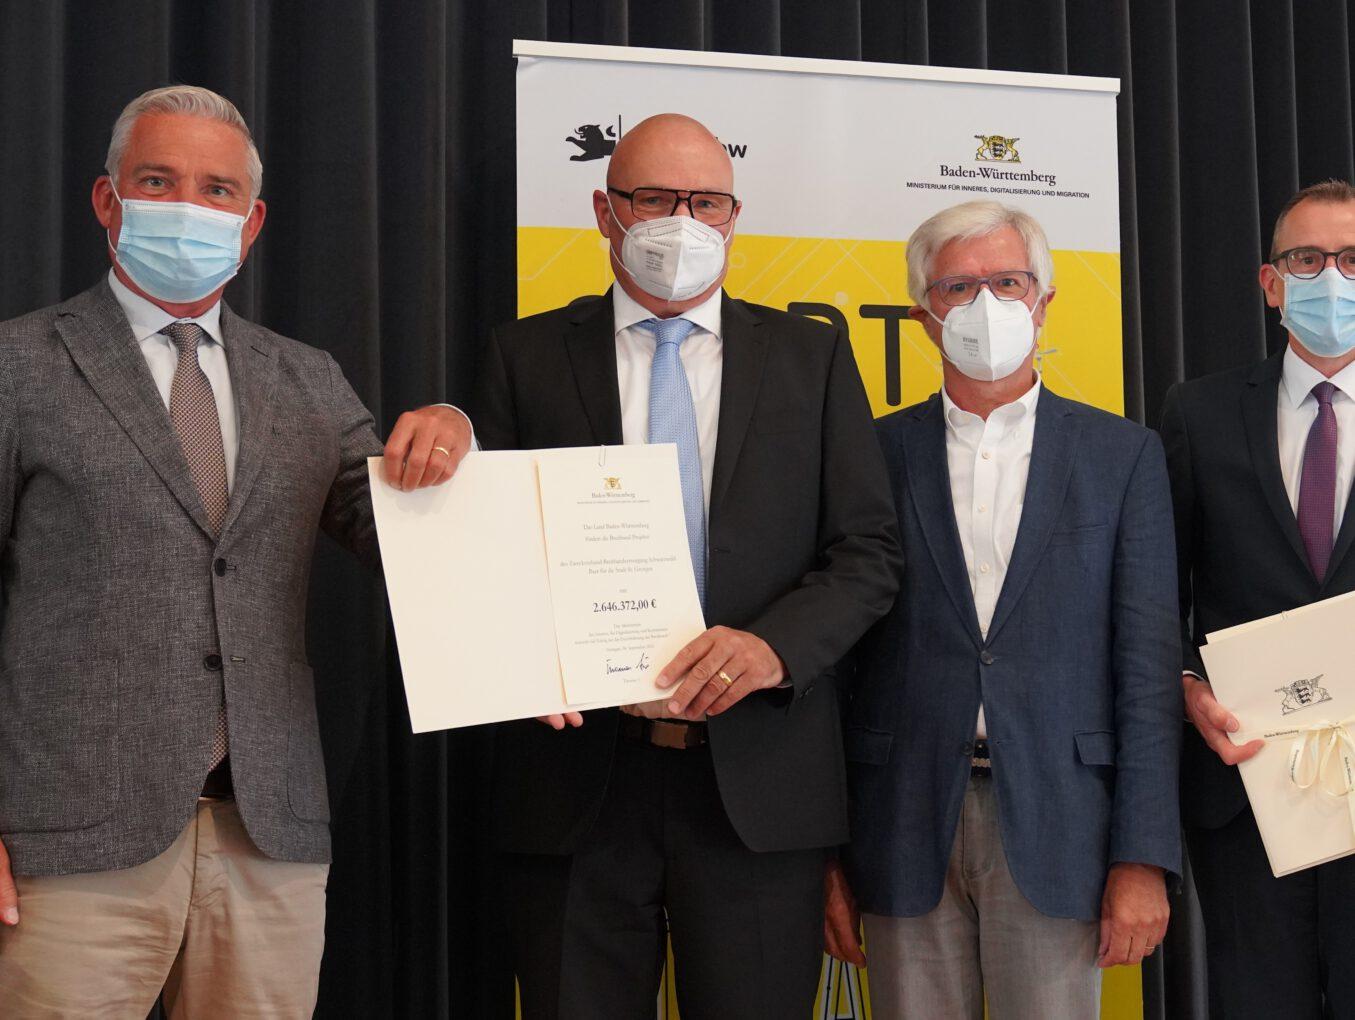 Das Land Baden-Württemberg fördert St. Georgener Ausbauprojekte des Zweckverbands Breitbandversorgung Schwarzwald-Baar mit rund 2,6 Millionen Euro